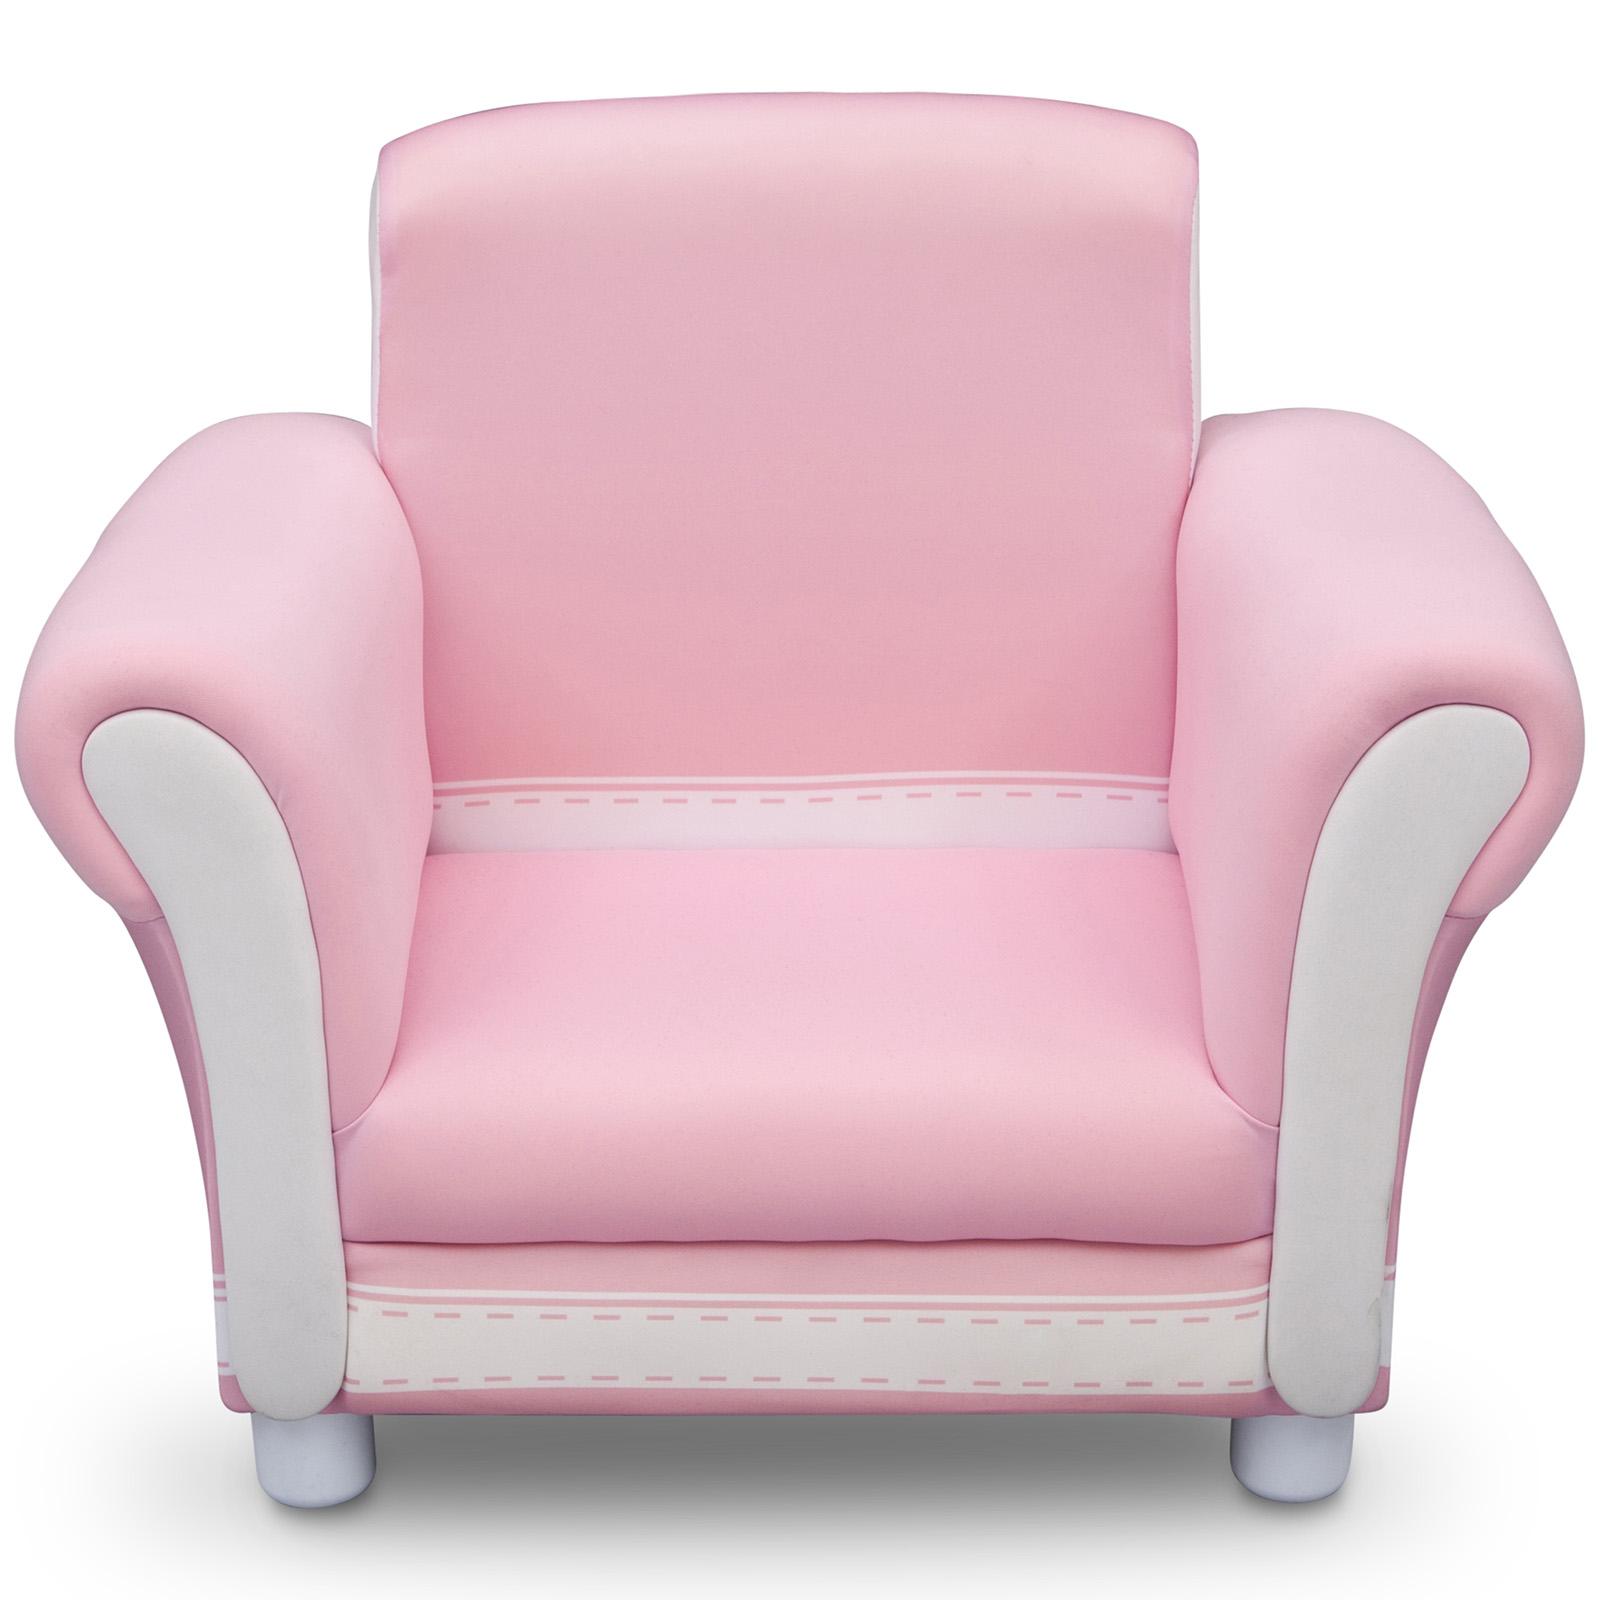 New delta children pink girls upholstered chair kids for Kids upholstered chair